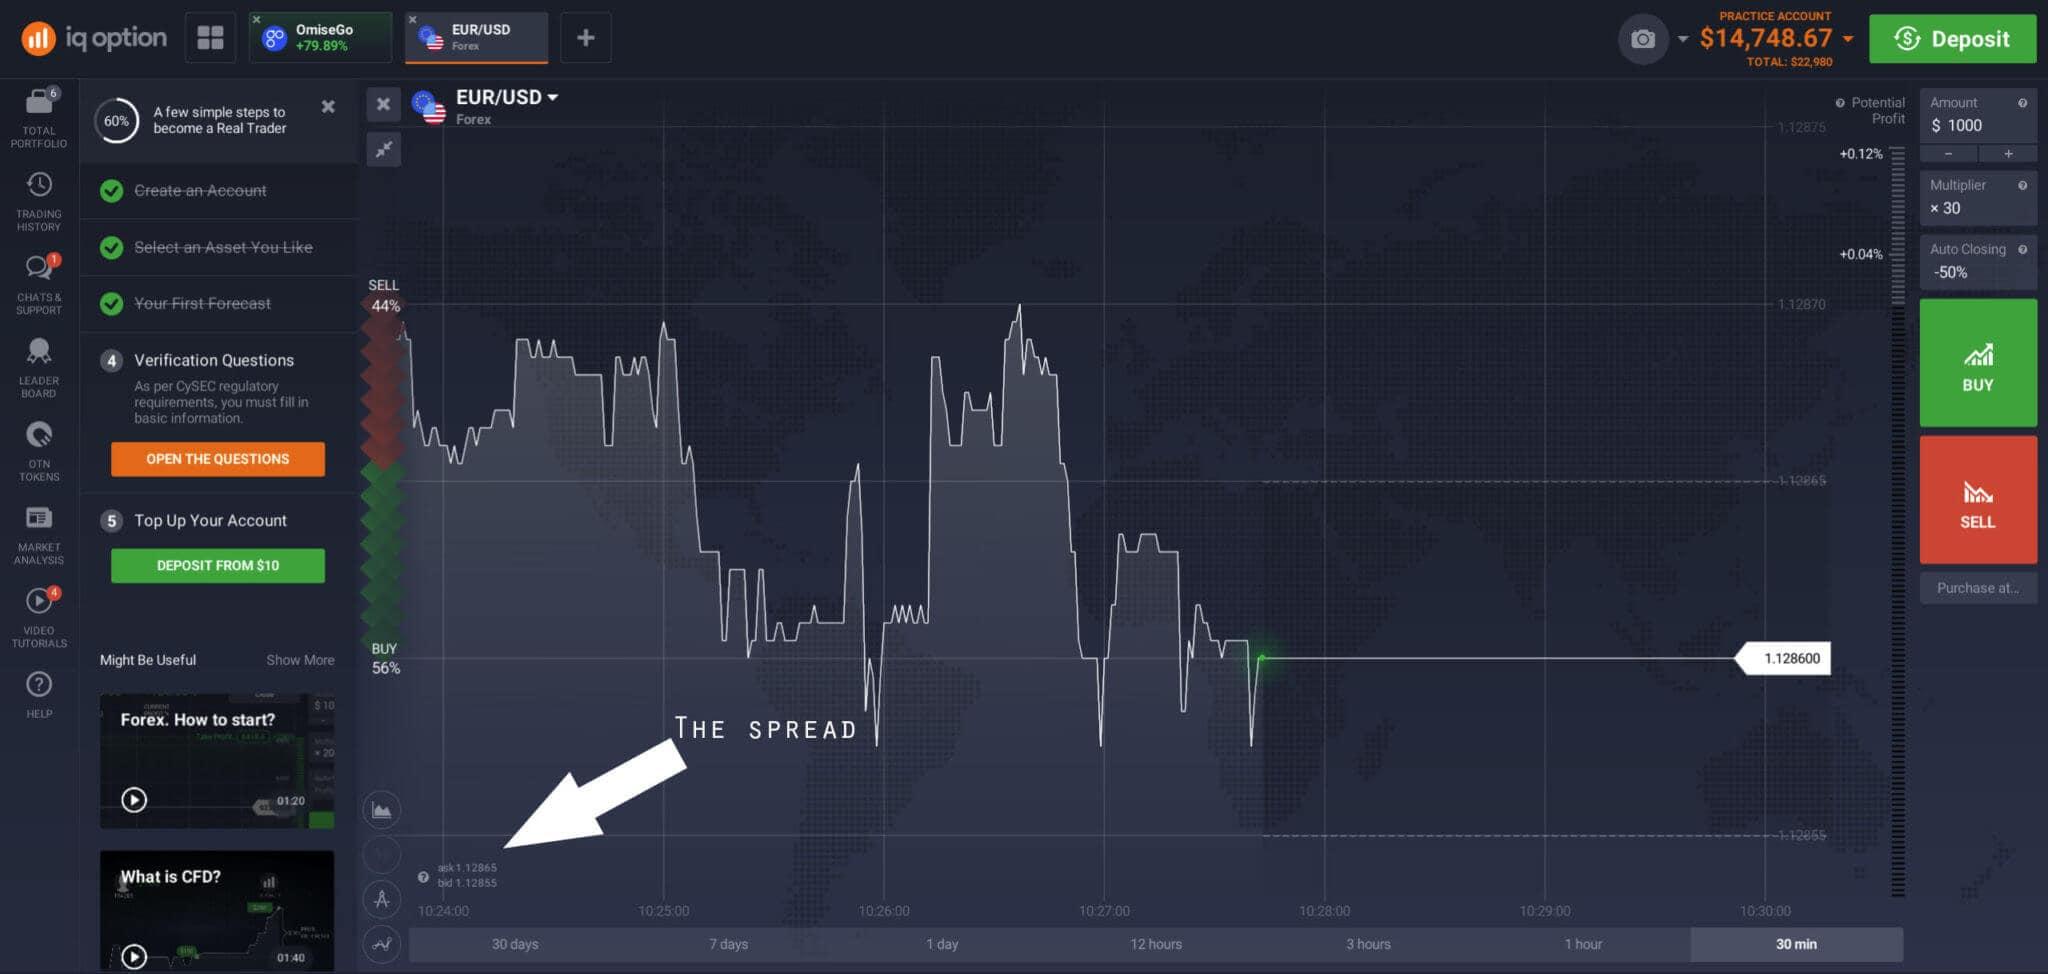 aukštos opcionų prekybos beta versijos atsargos akcijų opcionai perka ir laiko